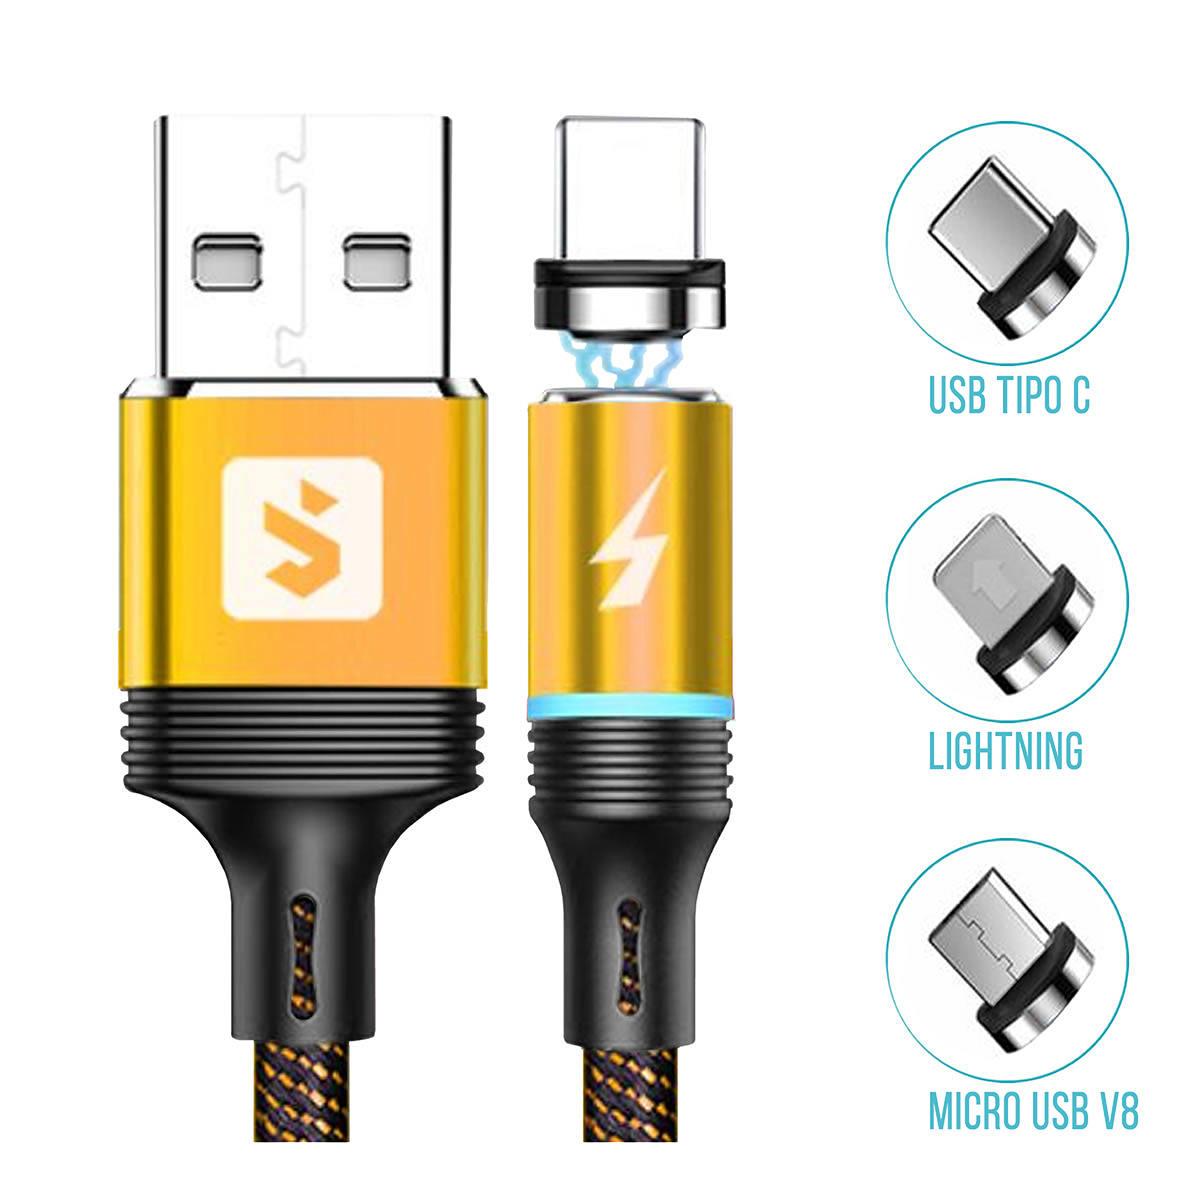 Cabo 3 em 1 para Celular Micro USB V8 + USB Tipo C + Lightning com Pontas Magnéticas 2.4A 1 metro SX-B16-3 Dourado